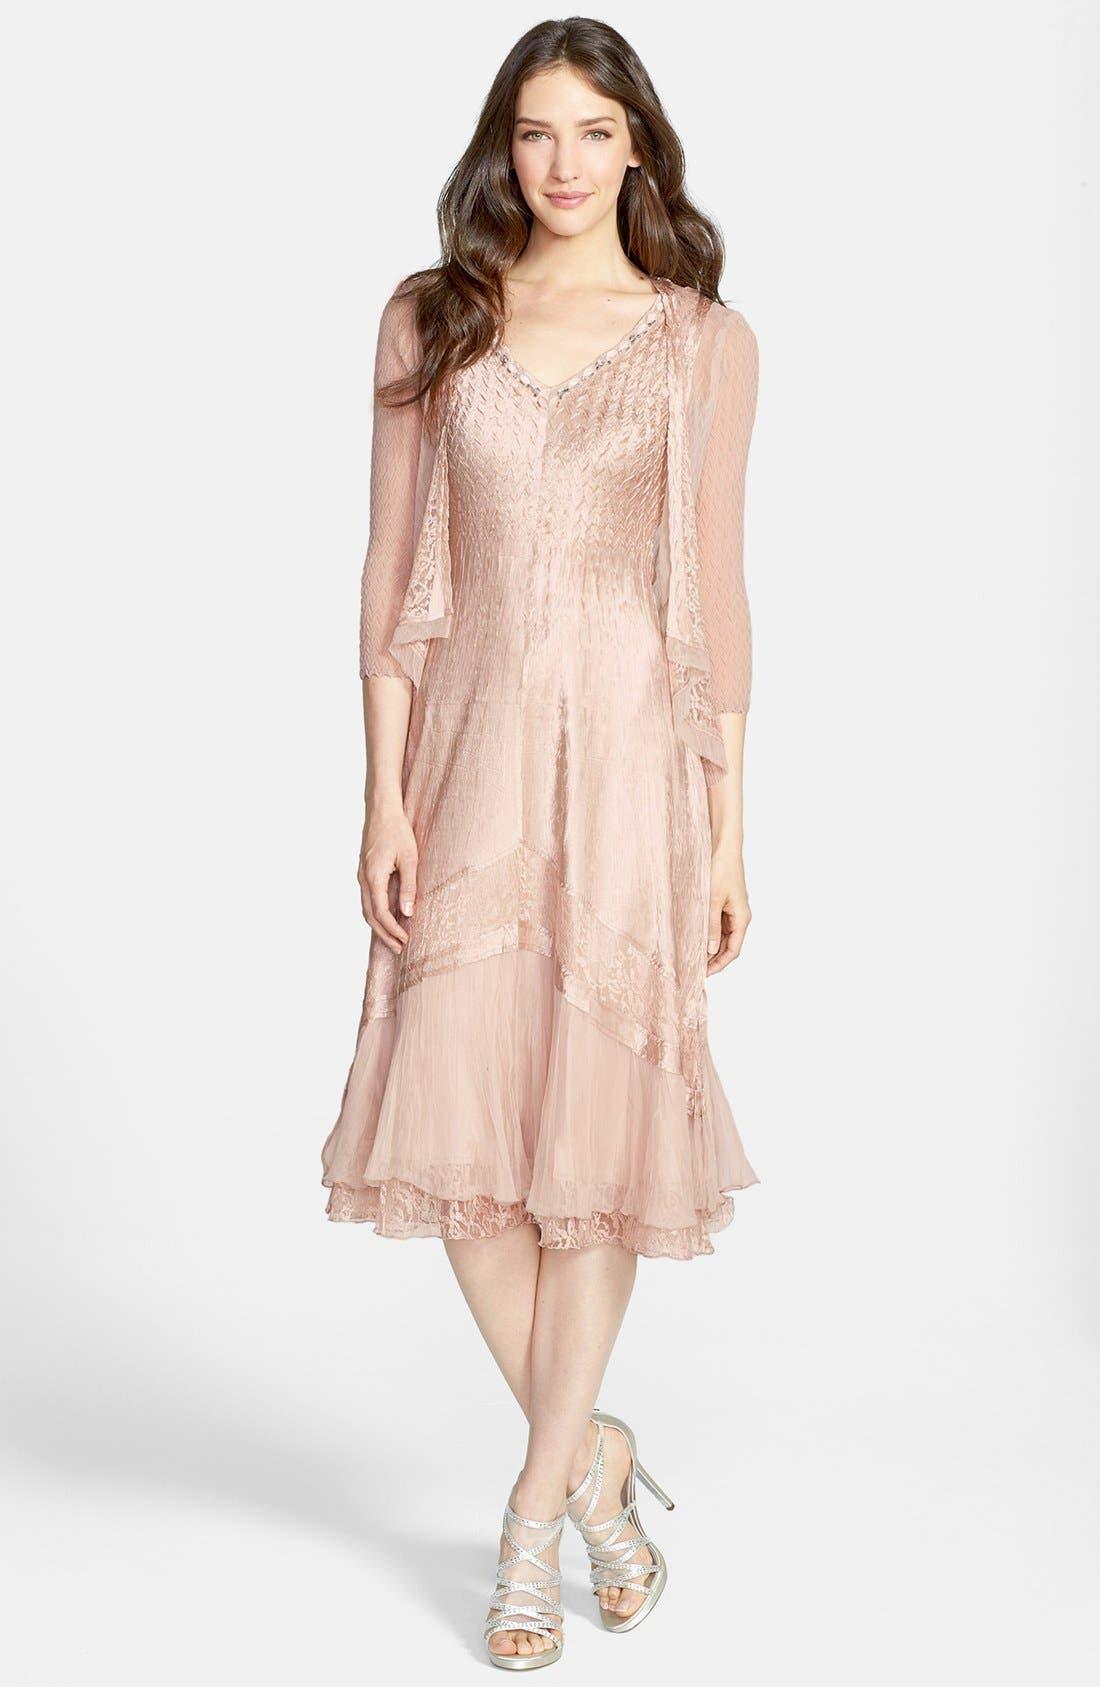 e537b53f9e8 A-Line Mother-of-the-Bride Dresses